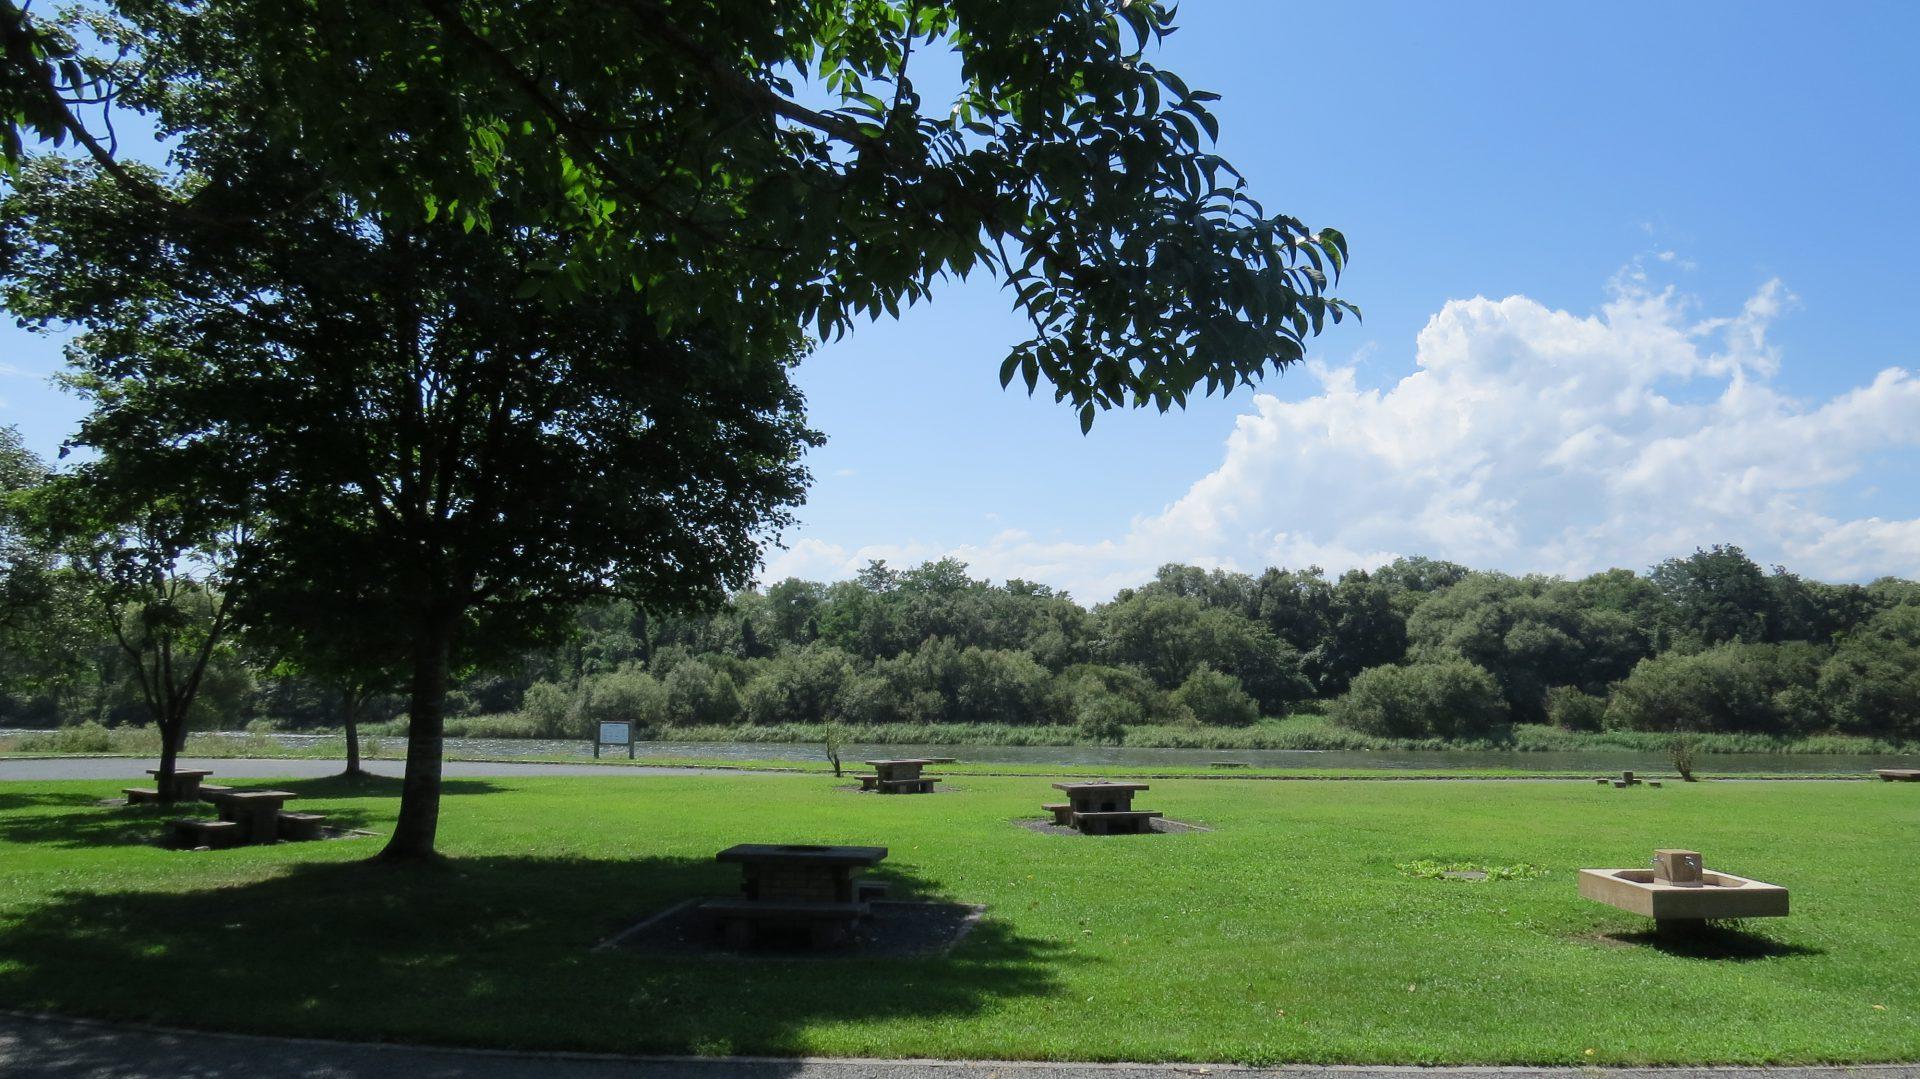 和賀川沿いのデイキャンプ場。テニスコートや野球場の近くなので、アウトドアスポーツの拠点にも! ...